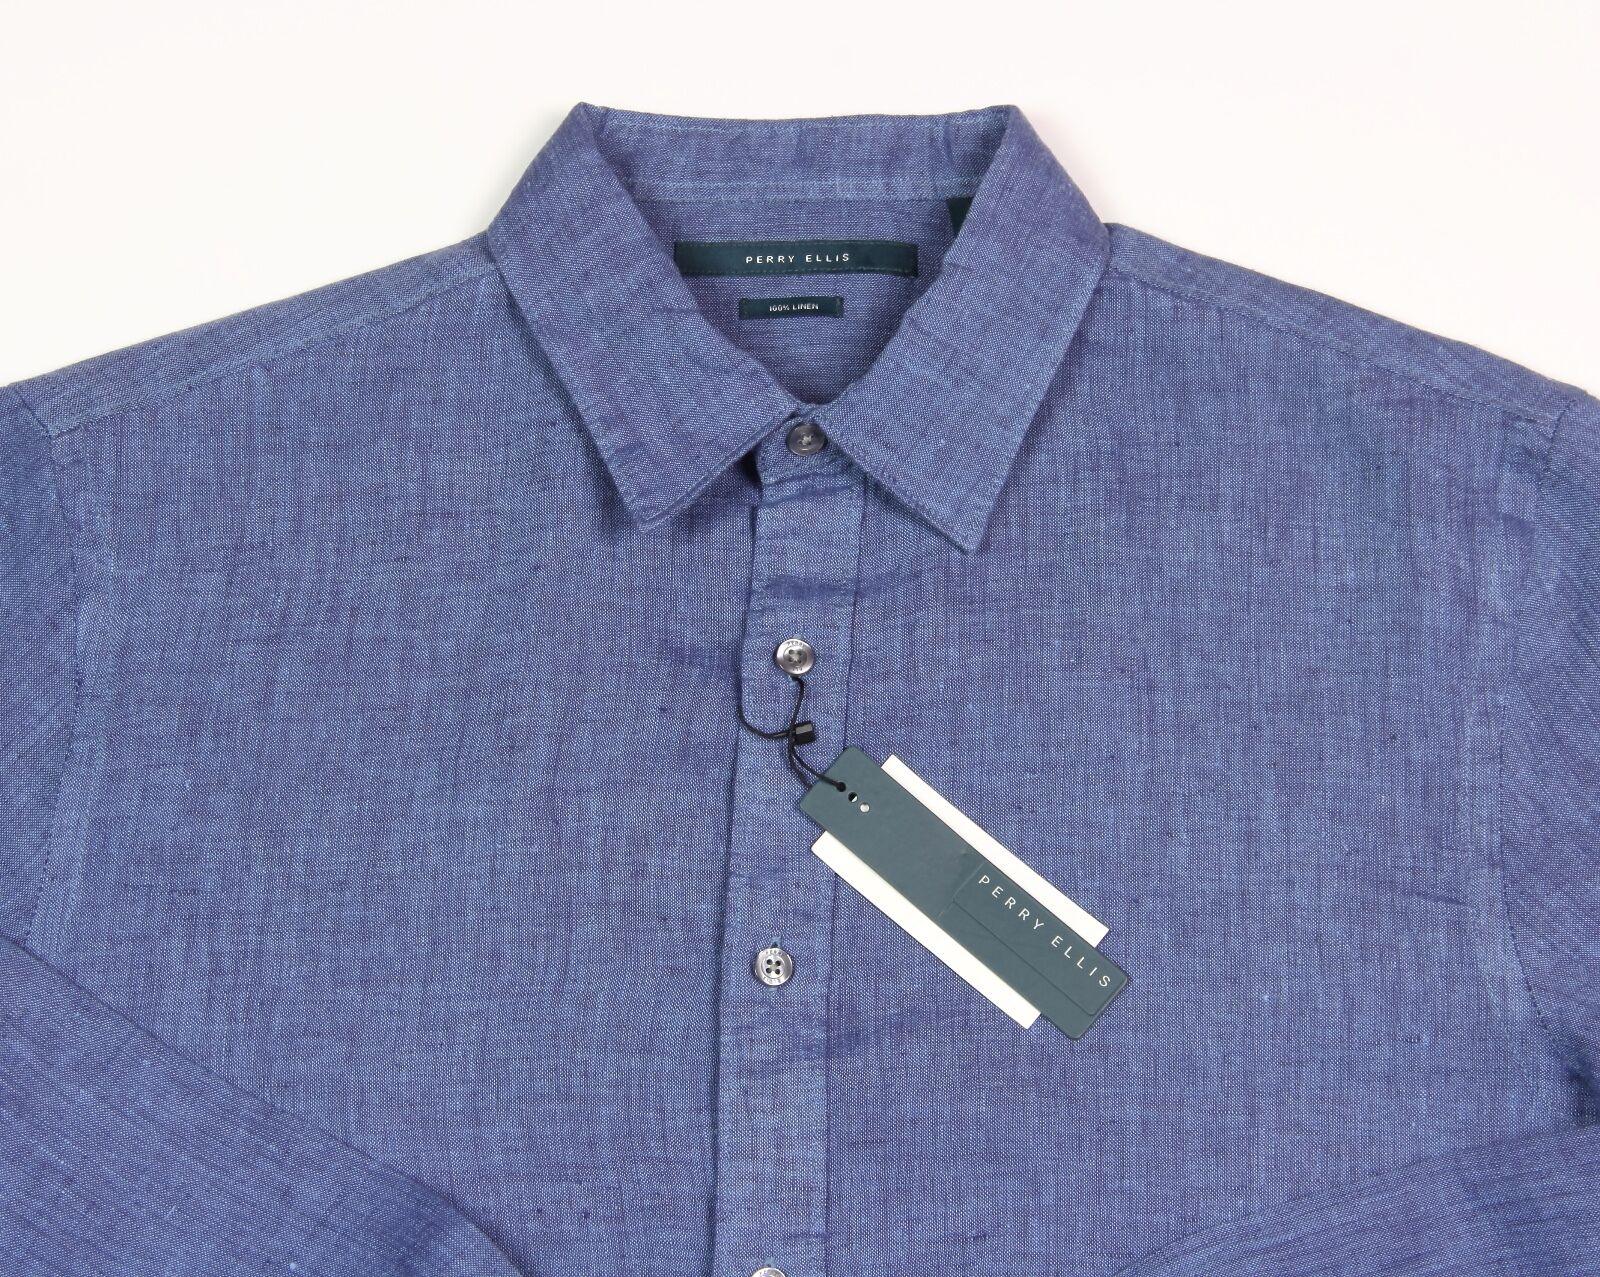 Men's PERRY ELLIS Delft bluee Pure Linen Shirt L Large NWT NEW -3025PS